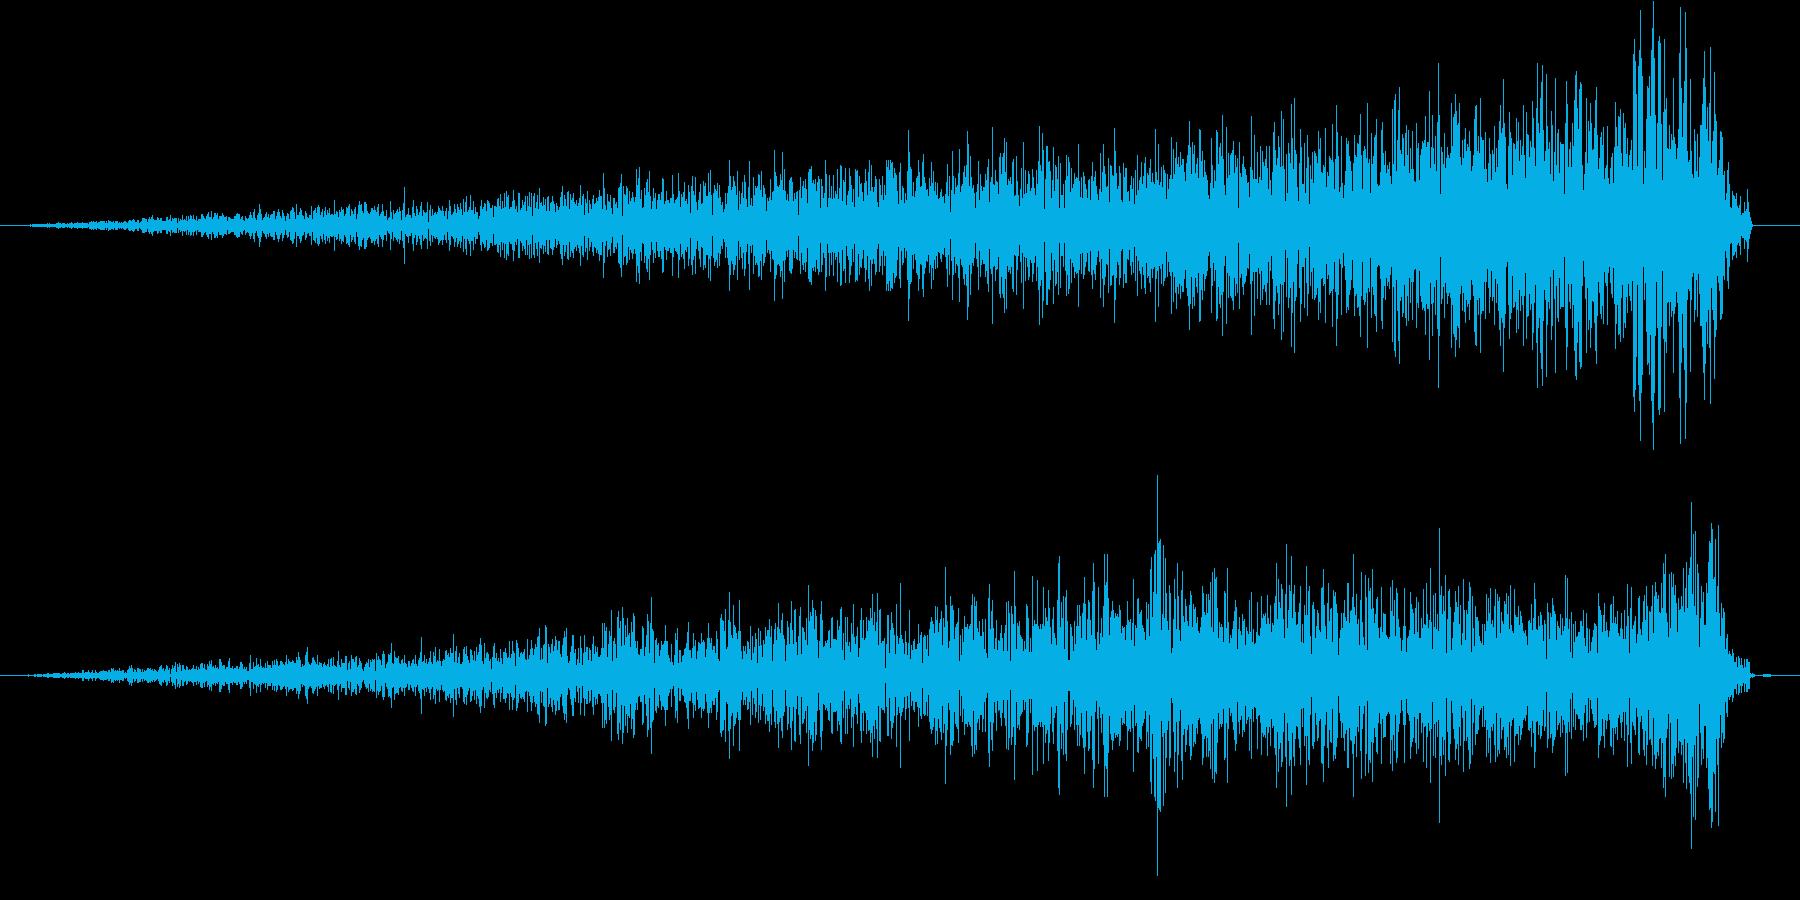 シュッ (ワープの効果音)の再生済みの波形